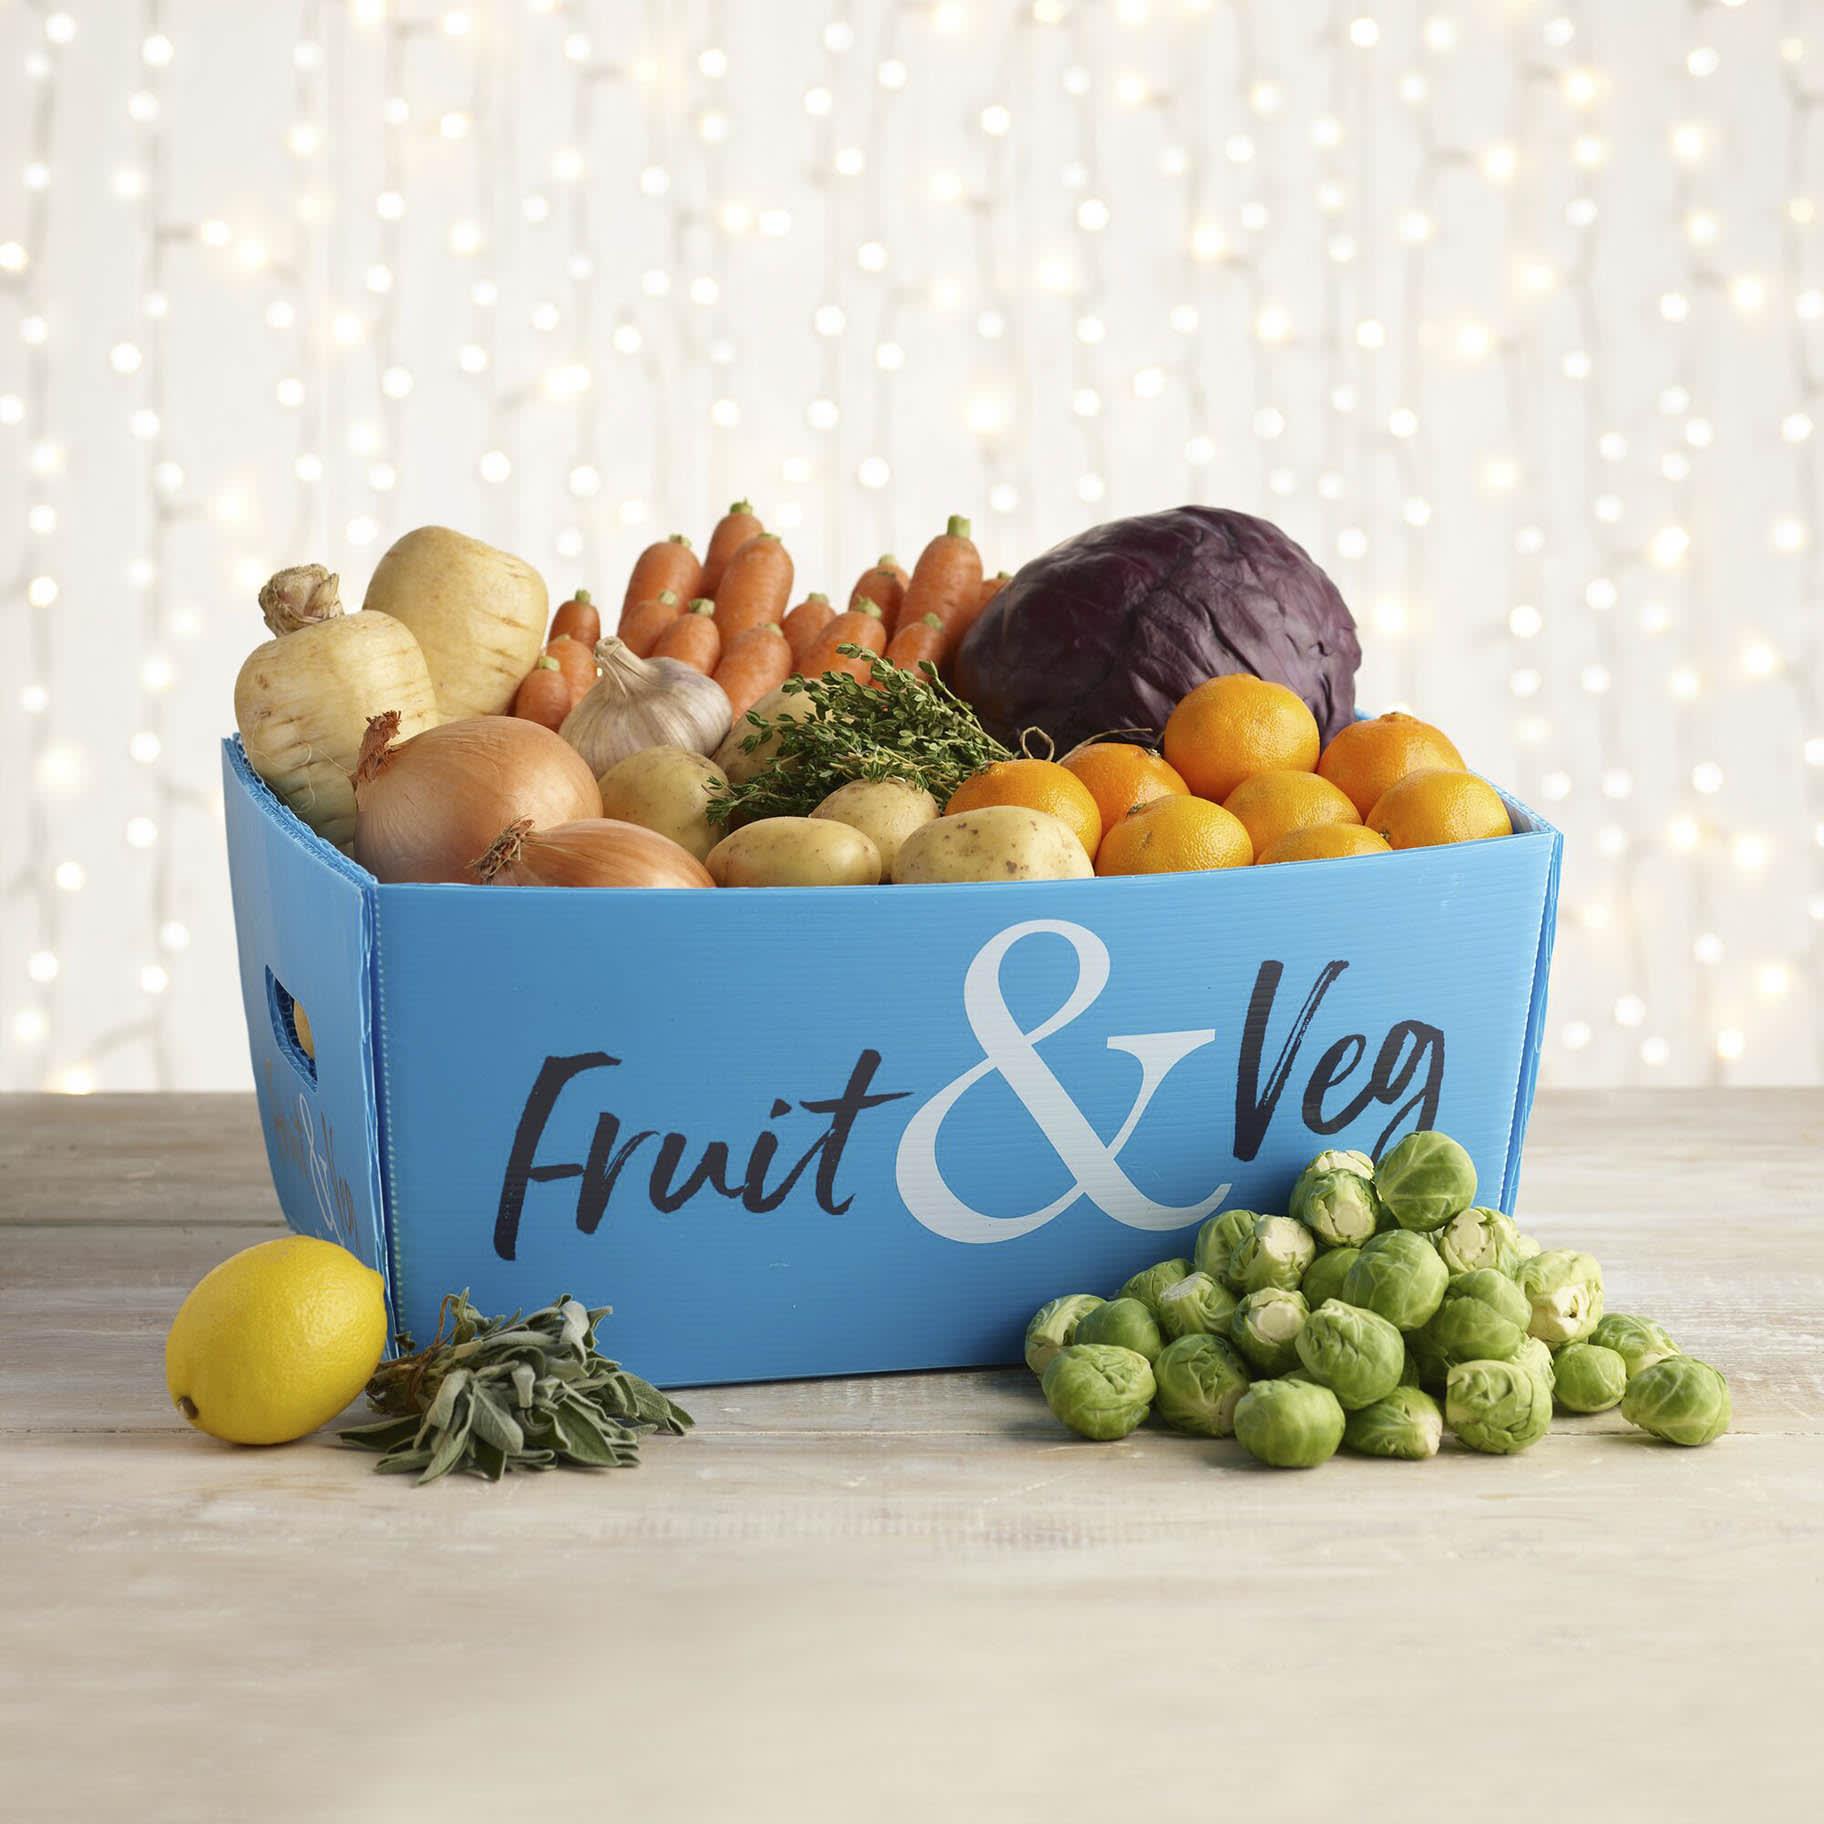 Christmas Organic Fruit and Veg Box